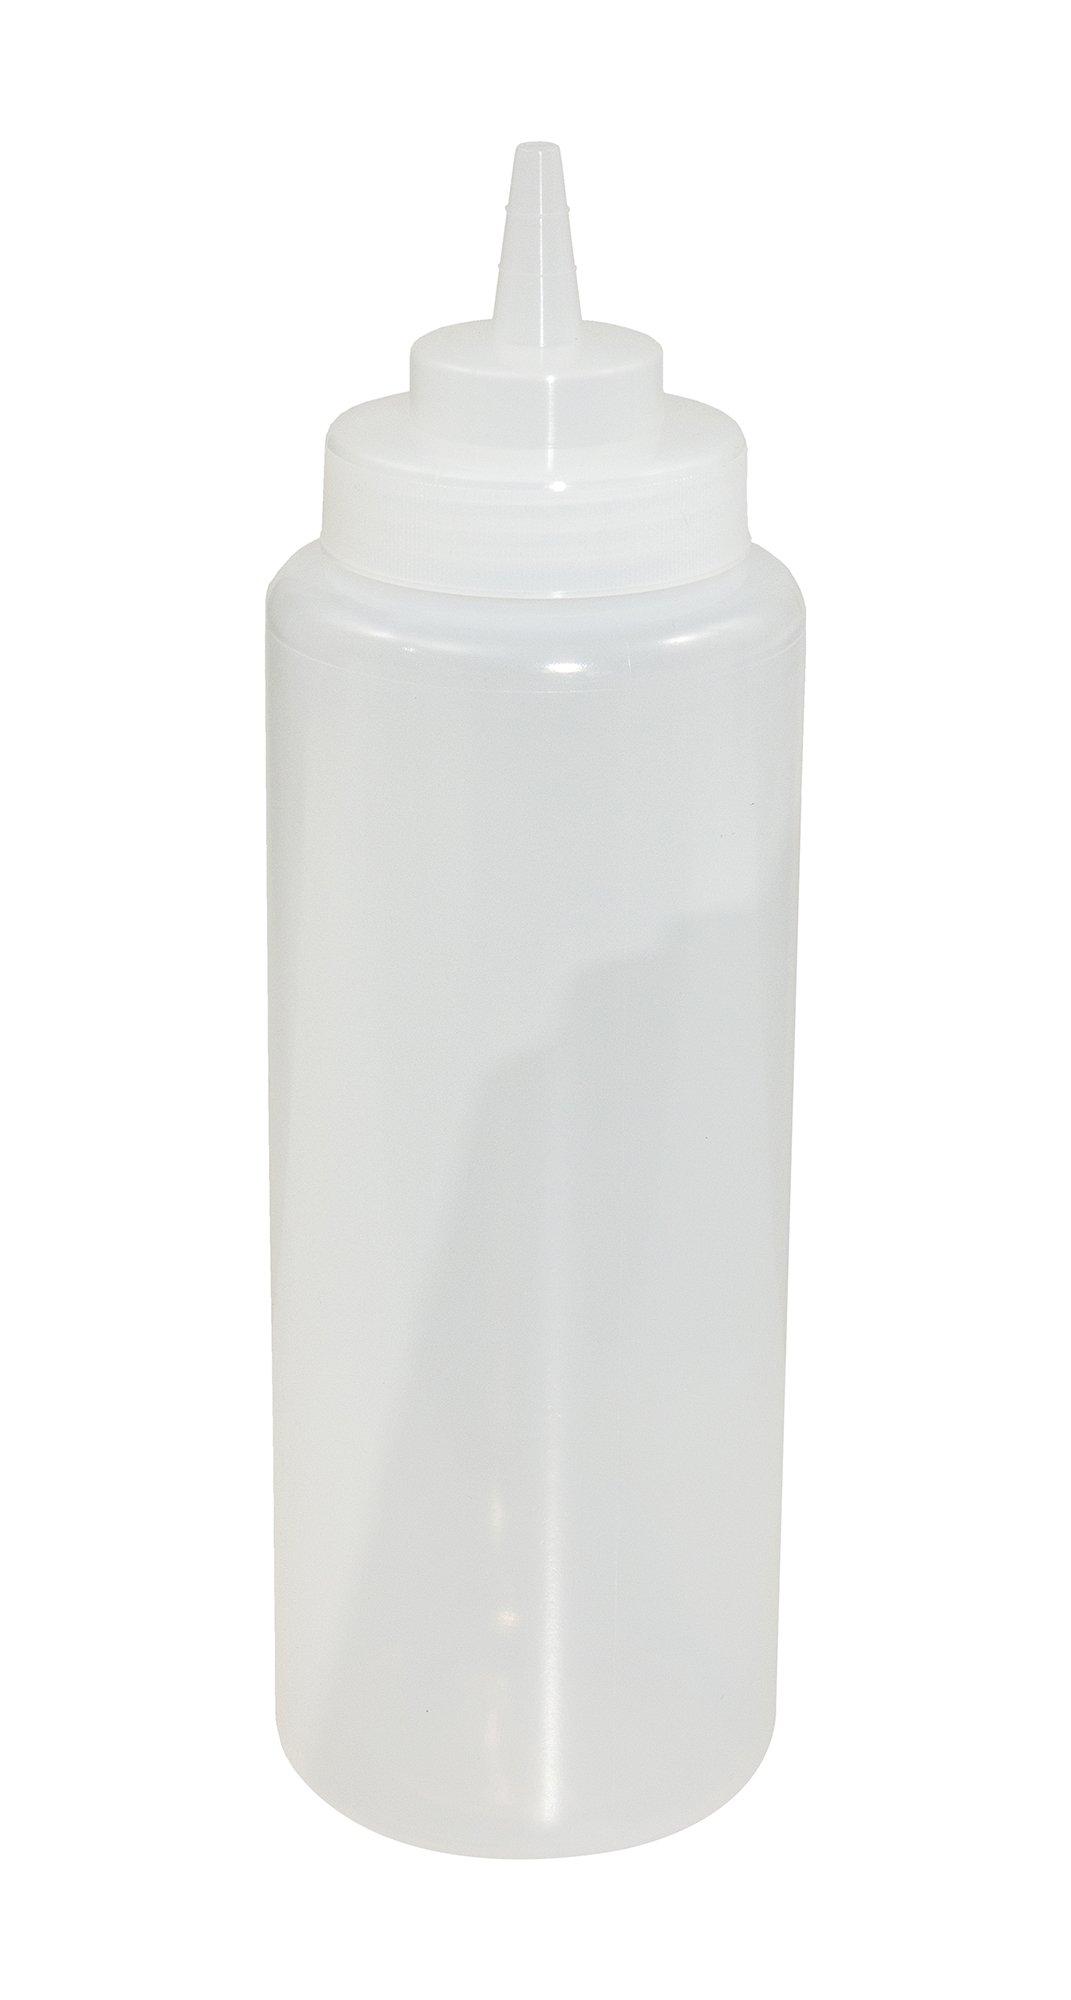 Crestware SB32CW (1 dz.) Squeeze Wide Mouth Bottle (1 Dozen), 32 oz, Clear